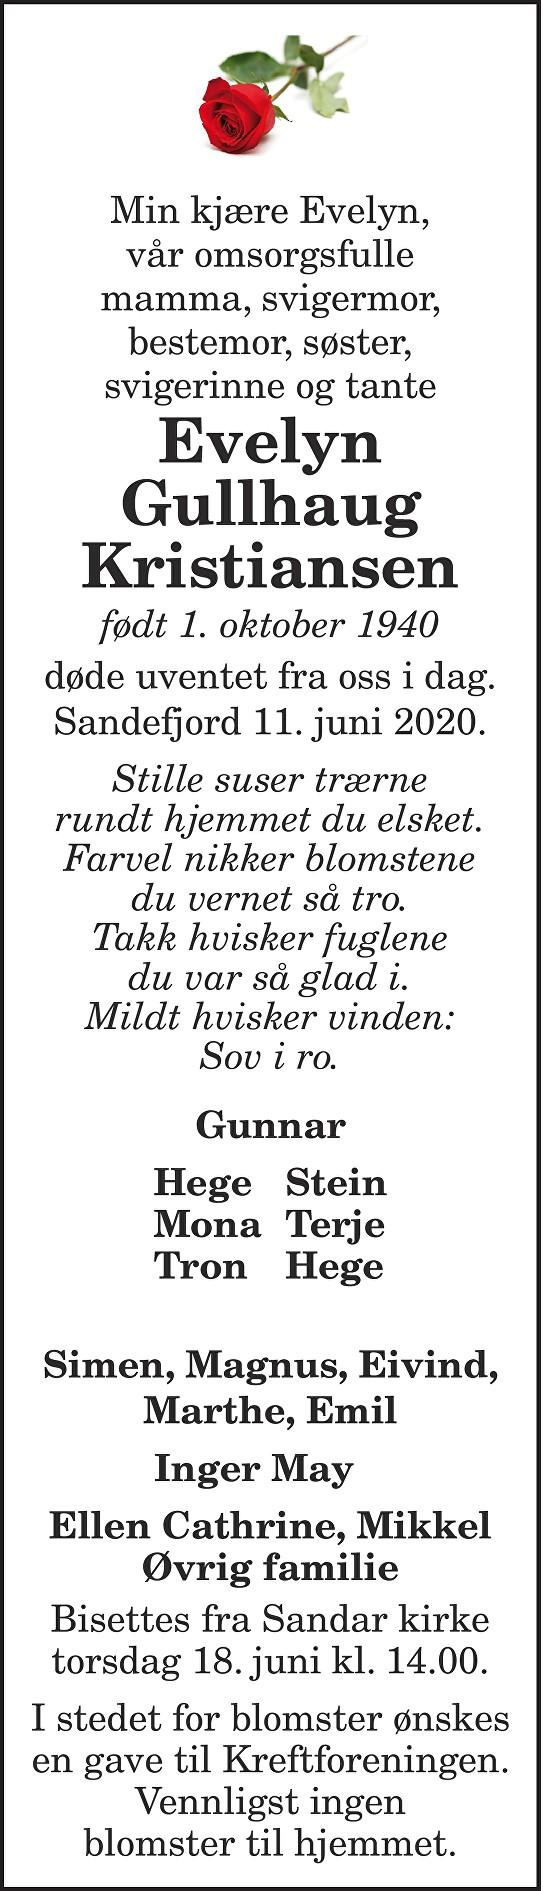 Evelyn Gullhaug Kristiansen Dødsannonse